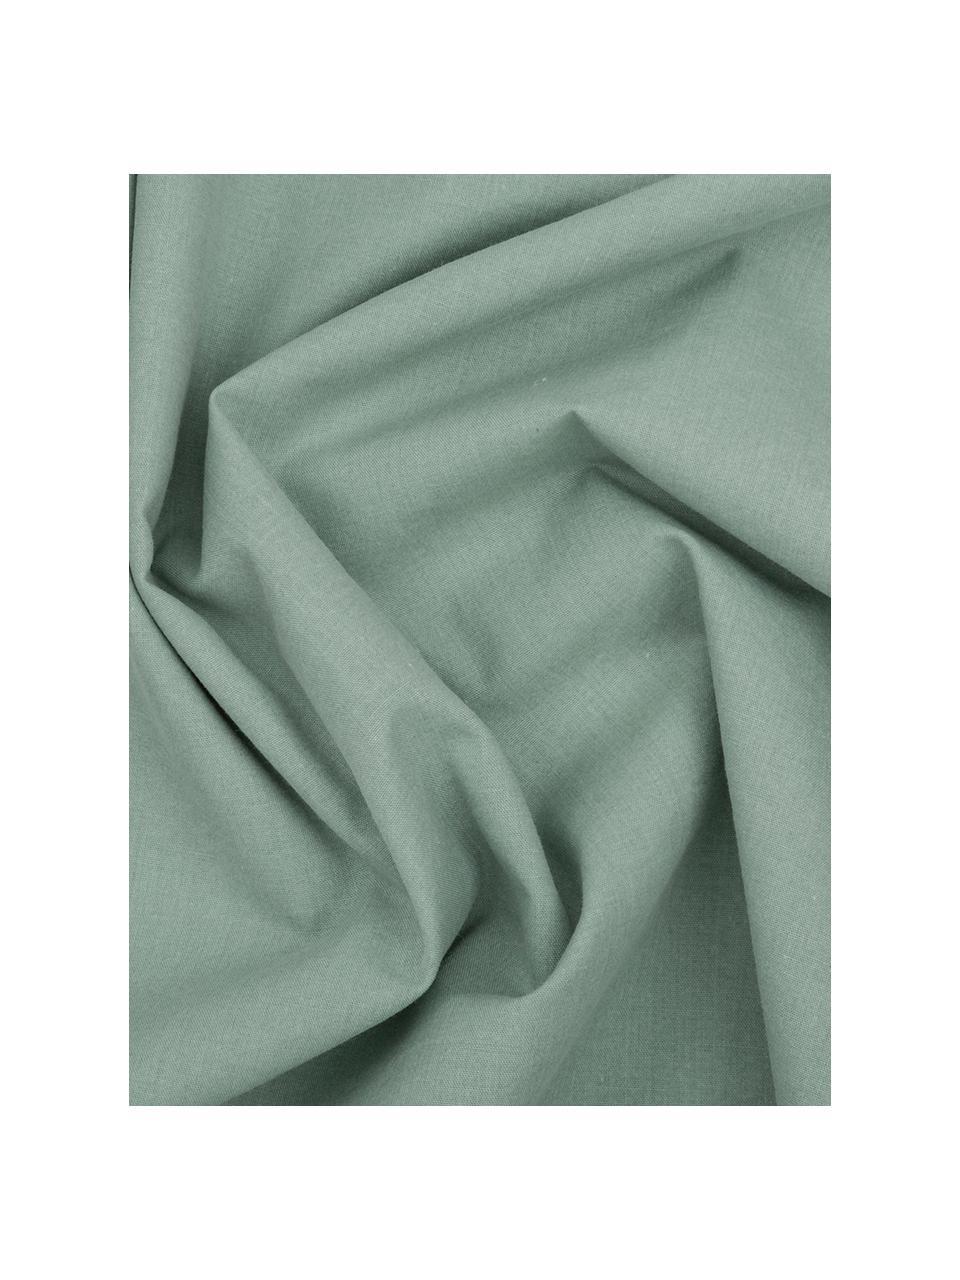 Perkal dekbedovertrek The New Vintage, Lichtgroen, 140 x 220 cm